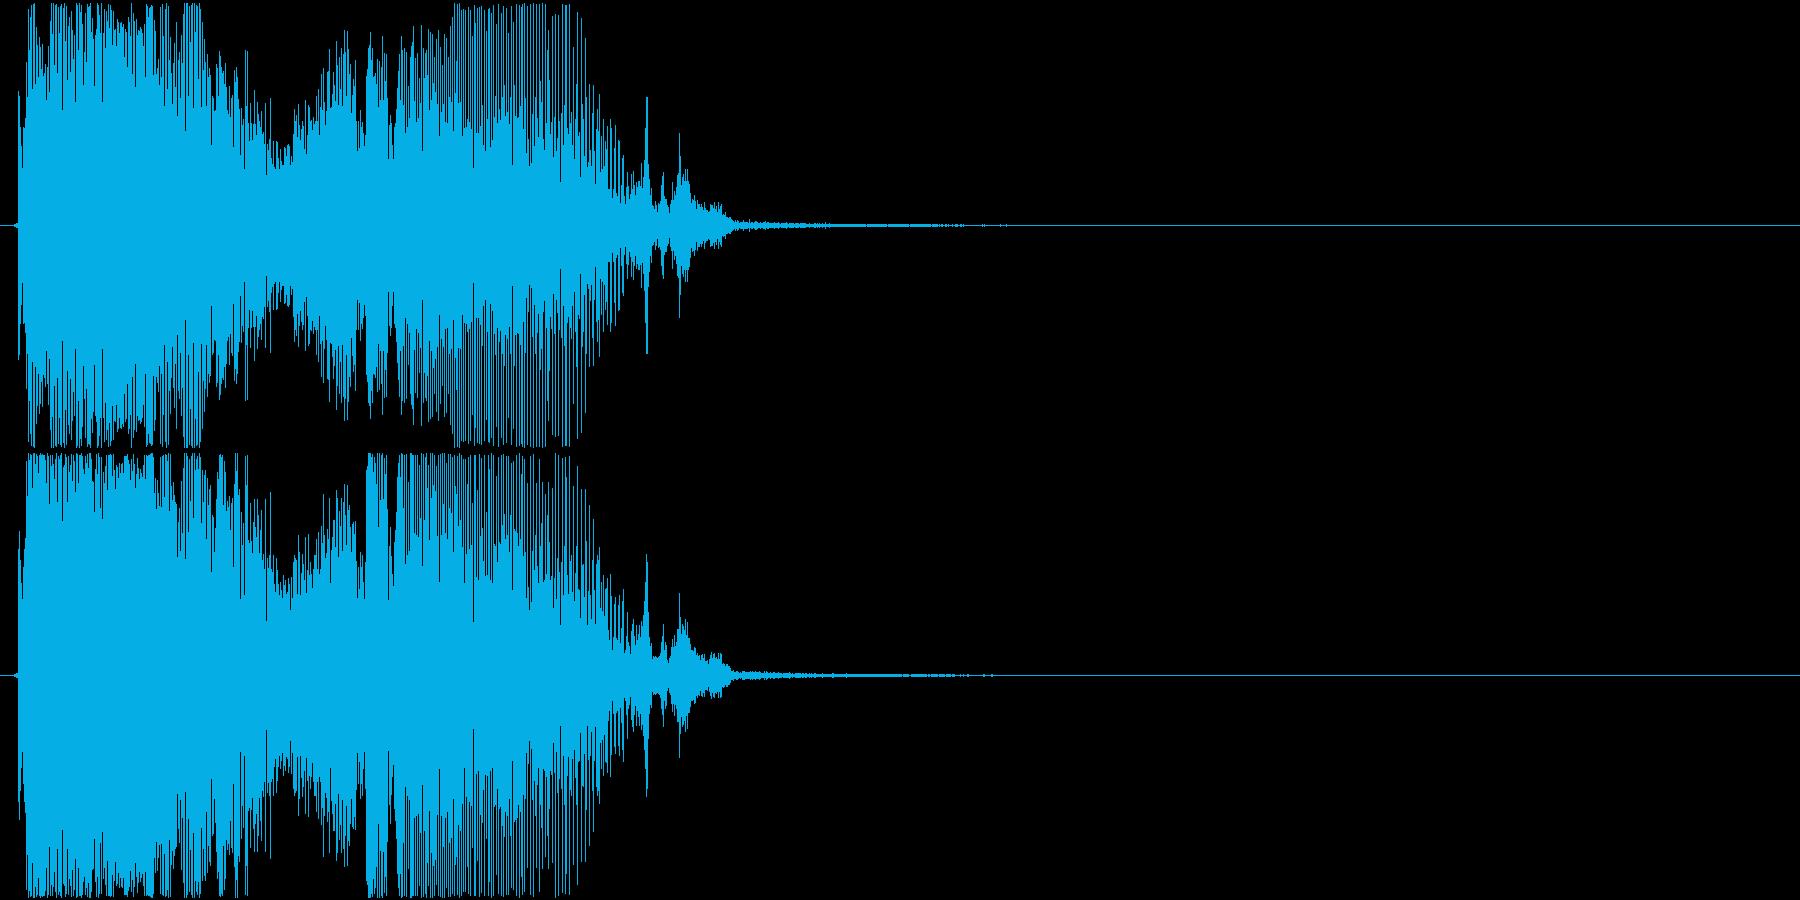 「パーフェクト」ゲーム・アプリ用4の再生済みの波形